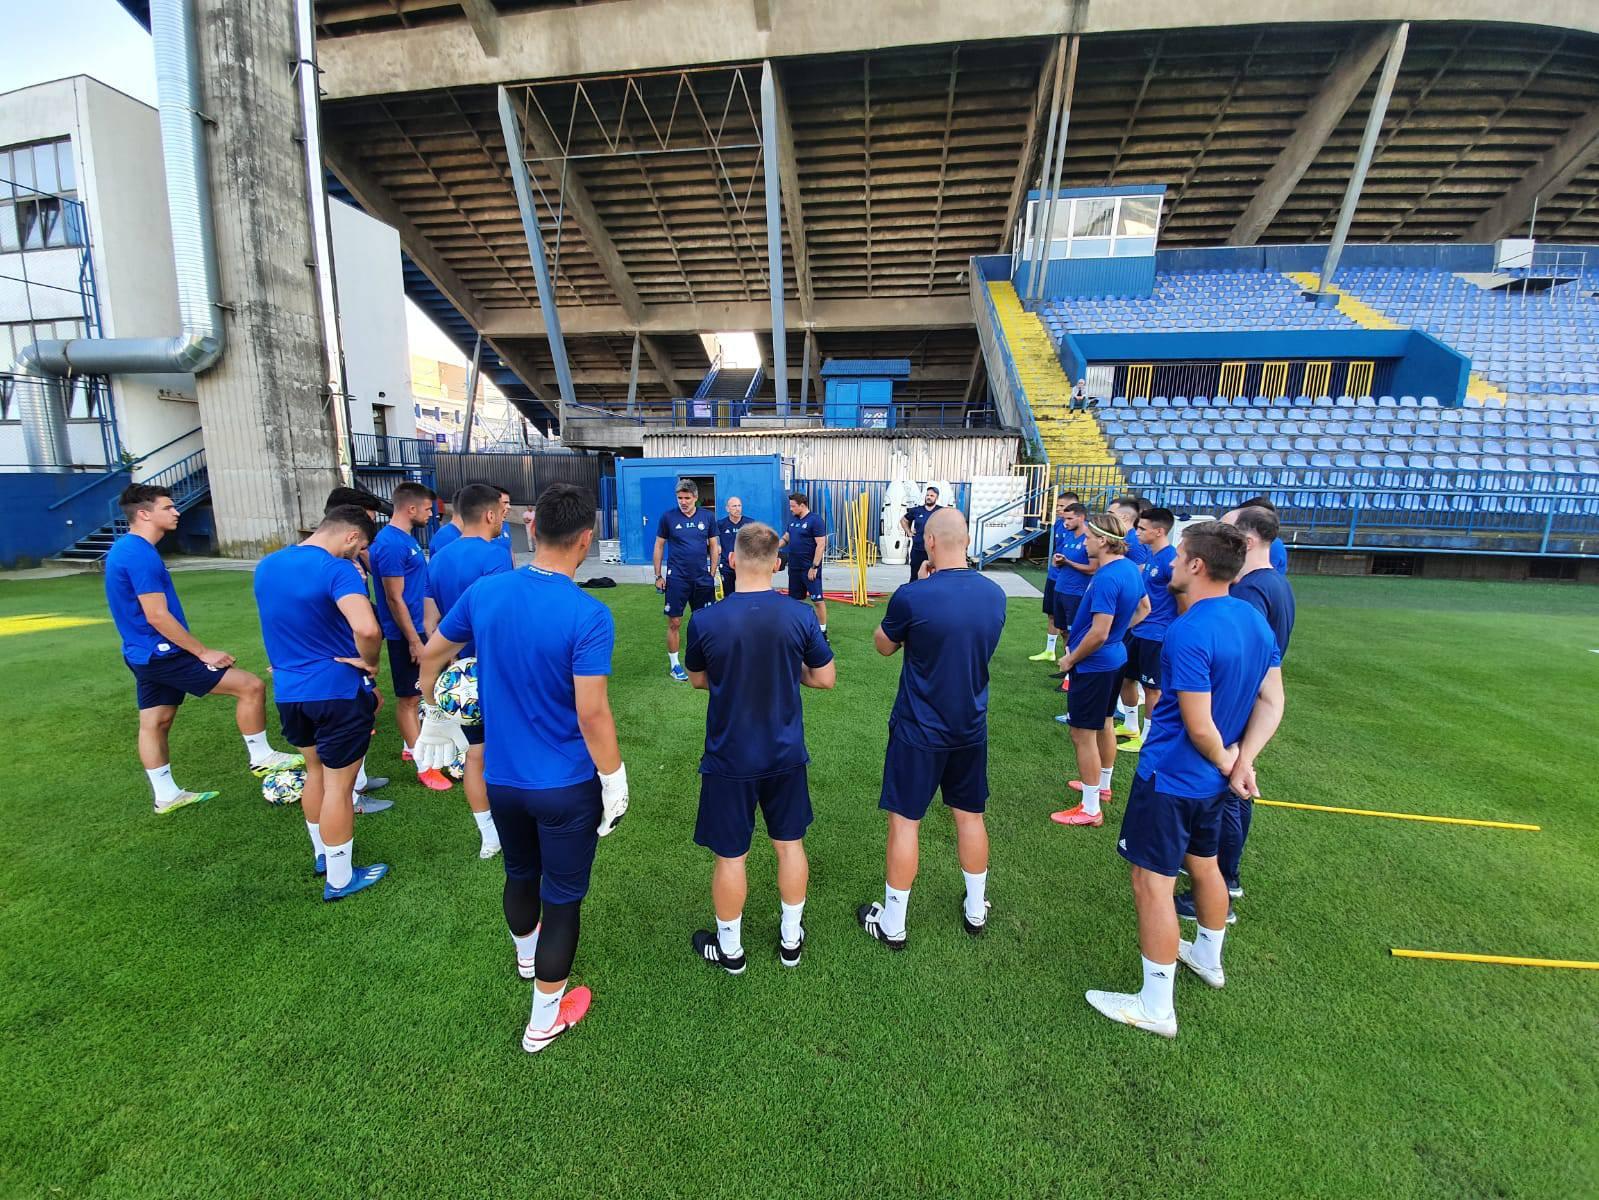 Dinamovci na 'teambuildingu': Na zajedničkoj večeri 'jačali' zajedništvo i pratili finale Kupa